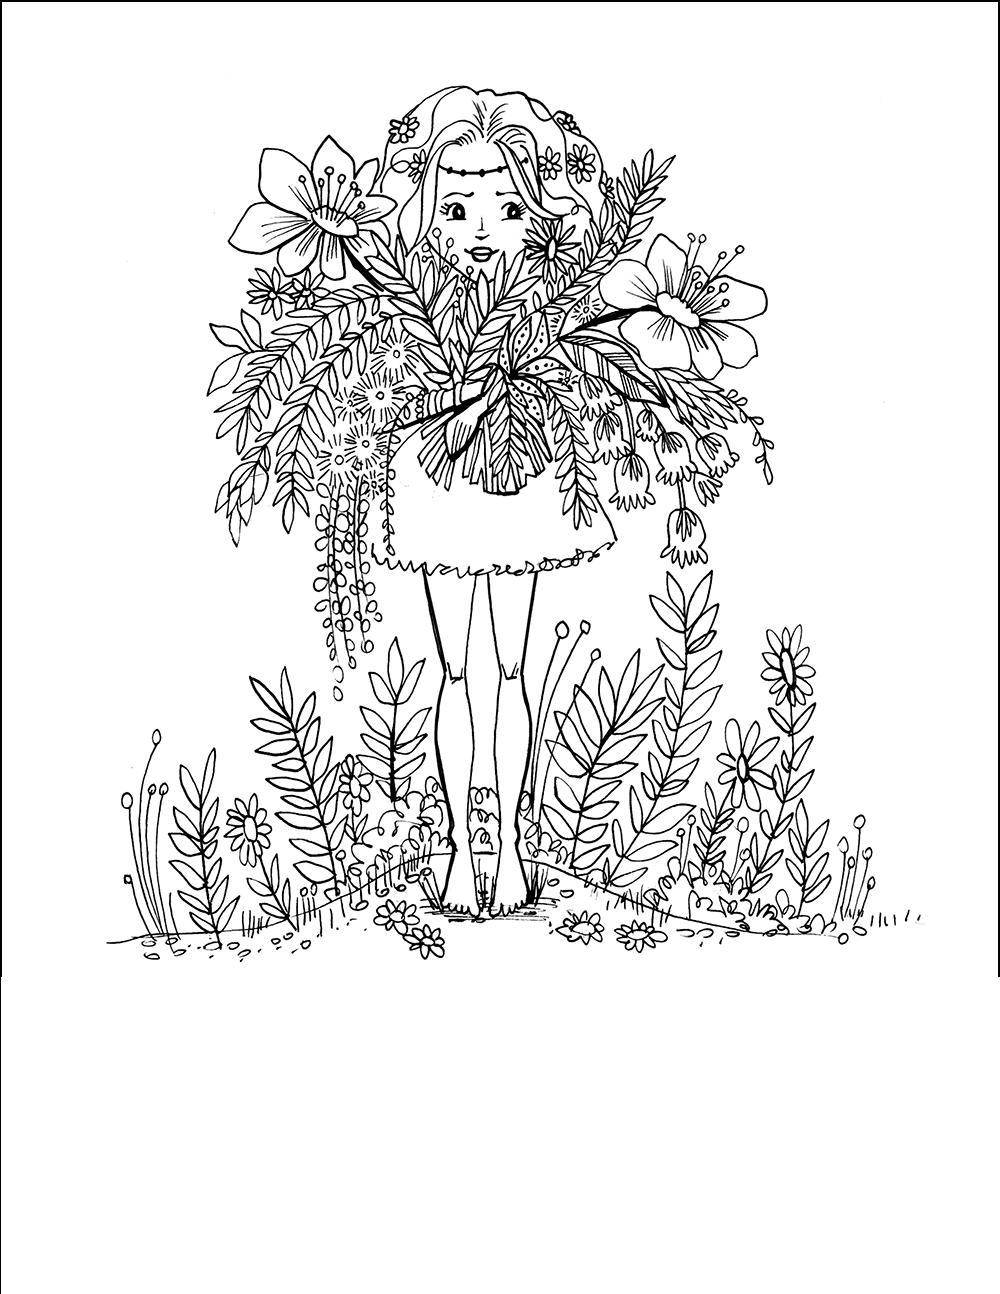 Девочка с букетом полевых цветов Раскраски с цветами распечатать бесплатно